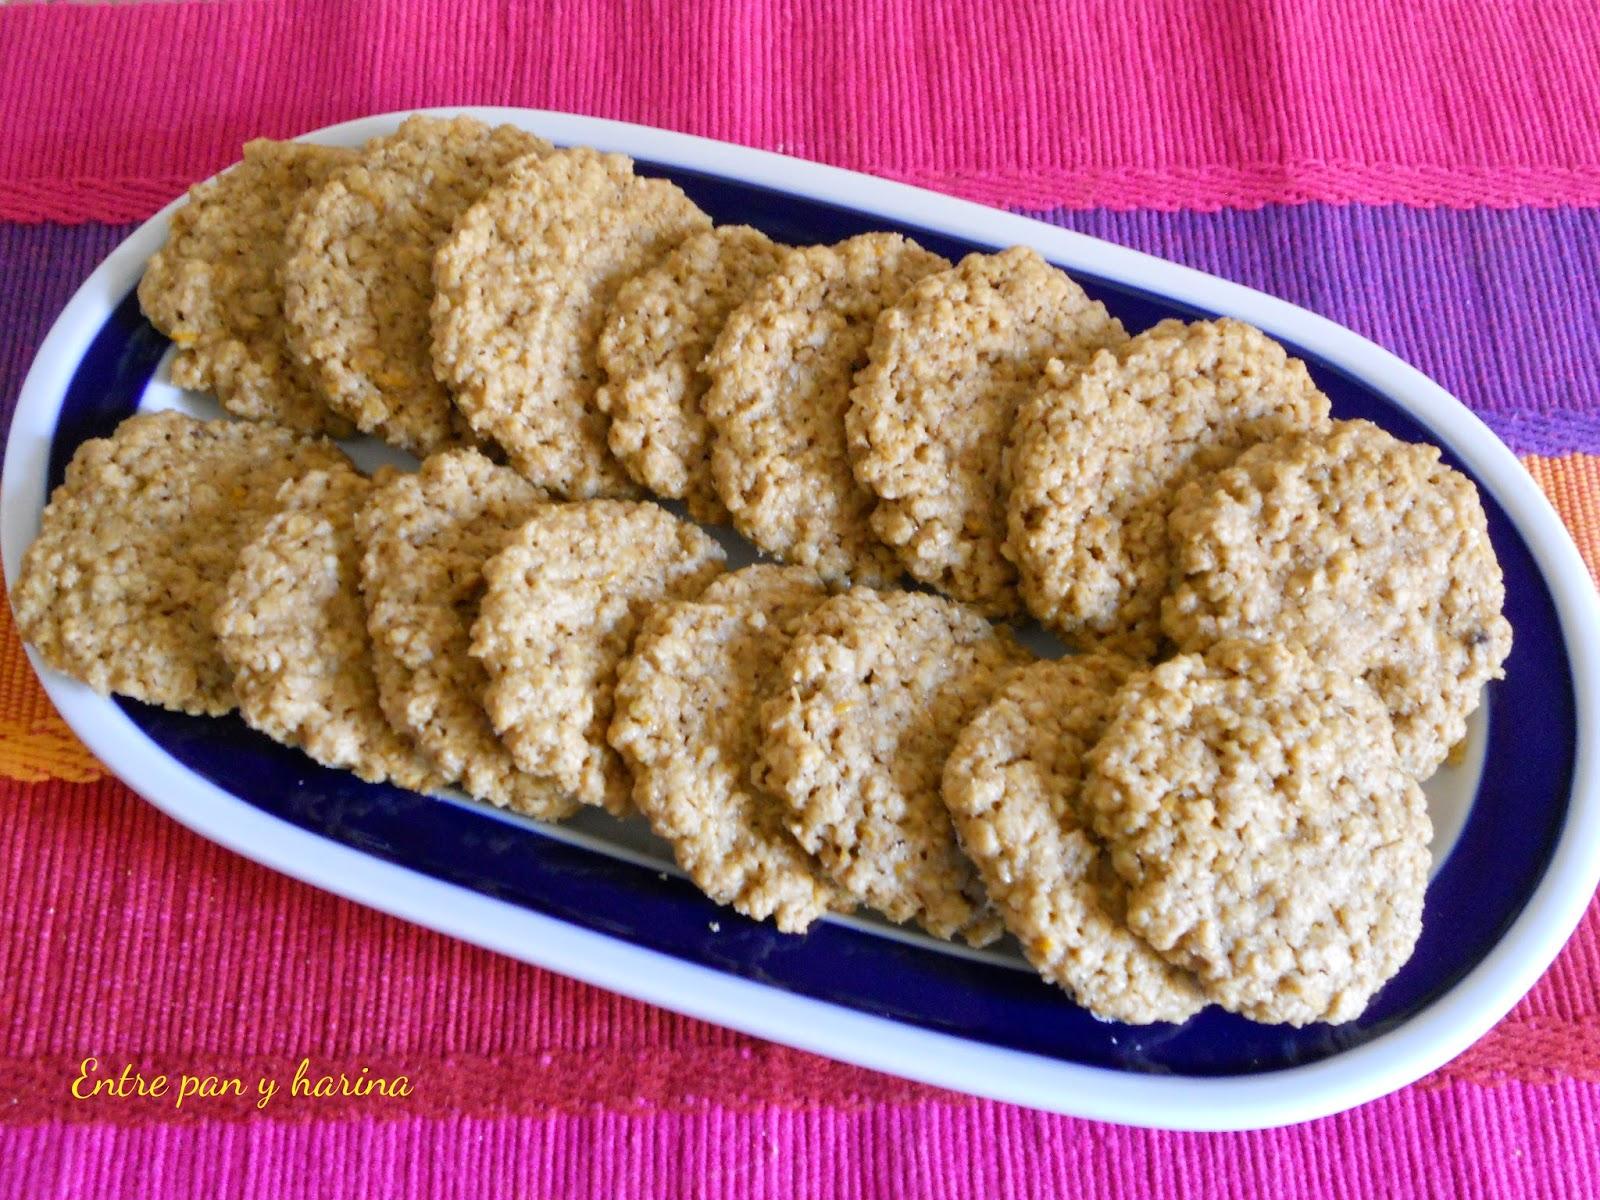 Entre pan y harina galletas de avena - Cocinar harina de avena ...